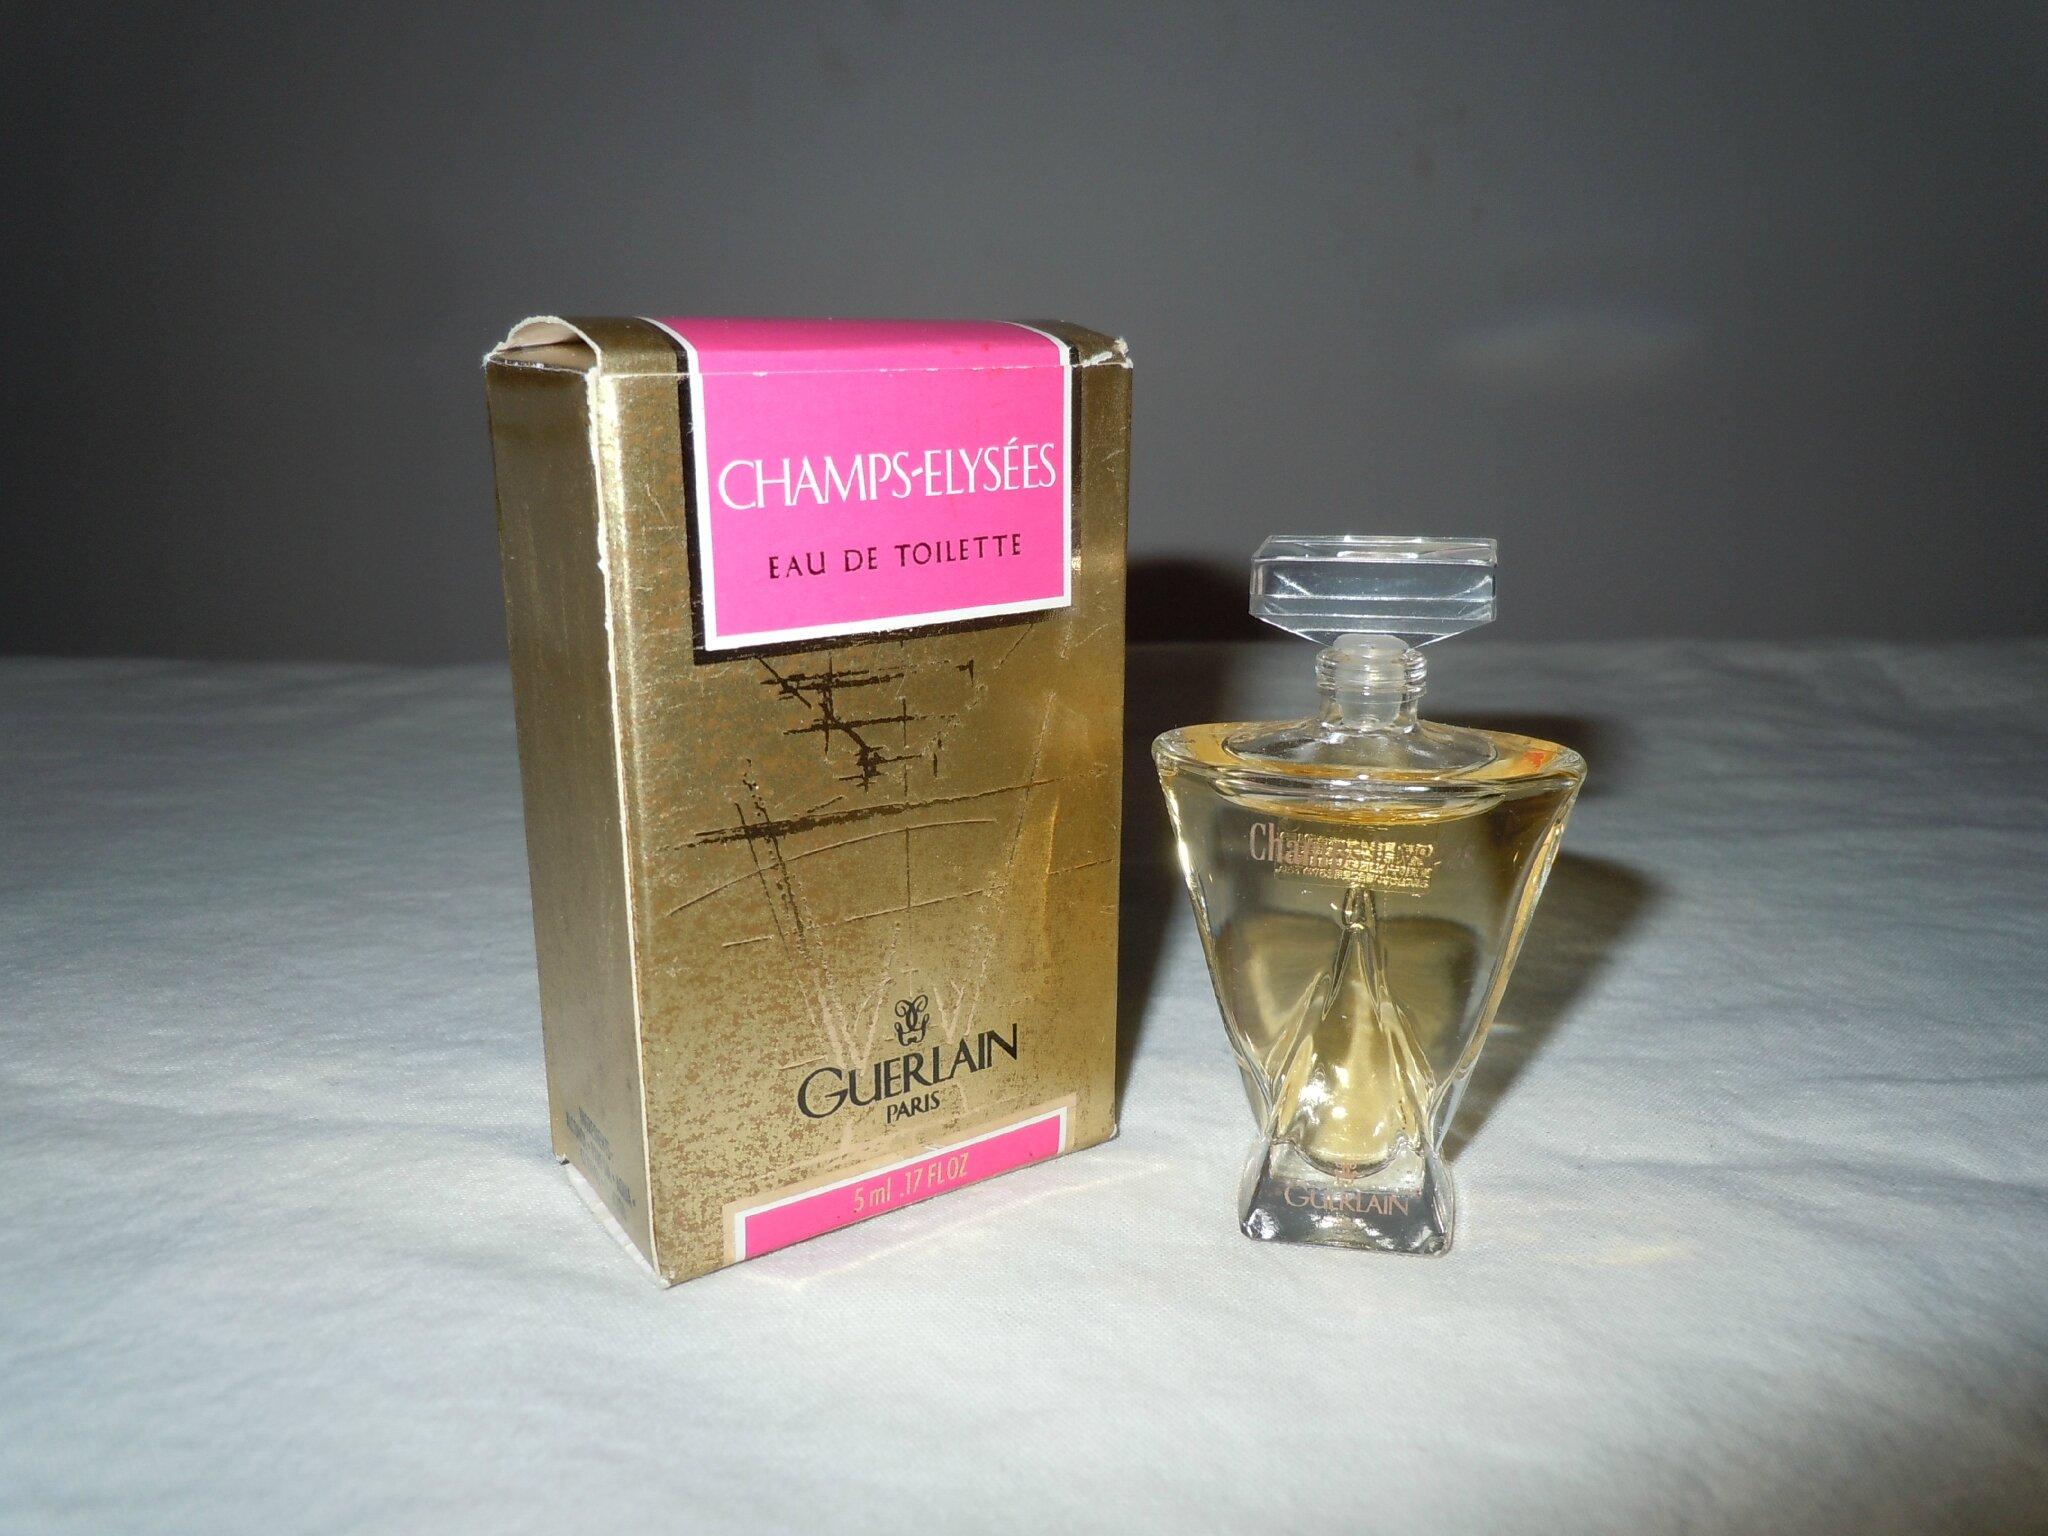 GUERLAIN-CHAMPSELYSEES-ASIATIQUE